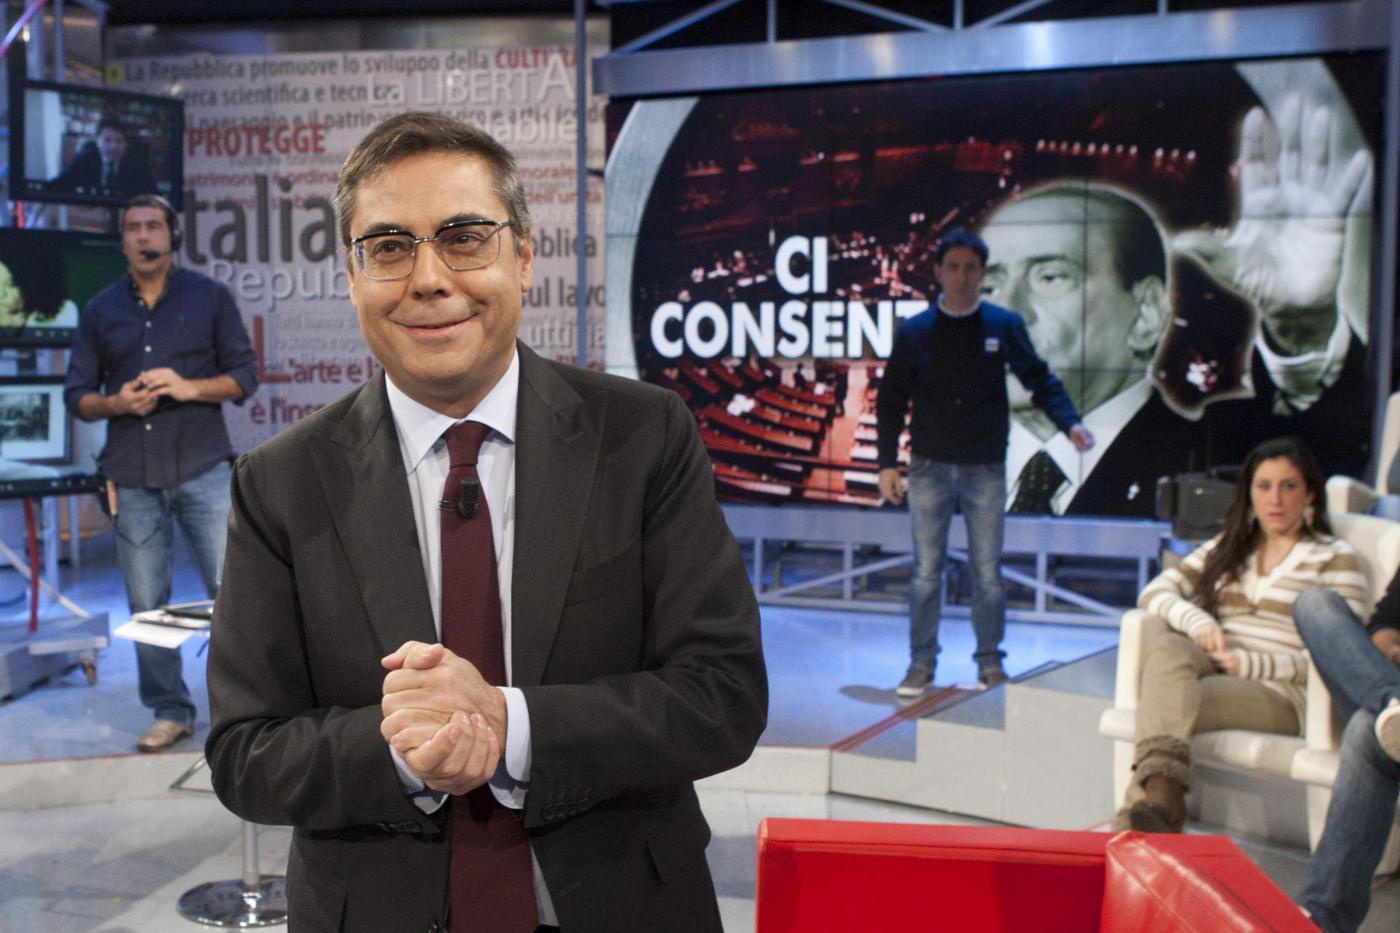 Soppresso Telecamere: Rai 3 vuole così, Anna La Rosa contro Andrea Vianello